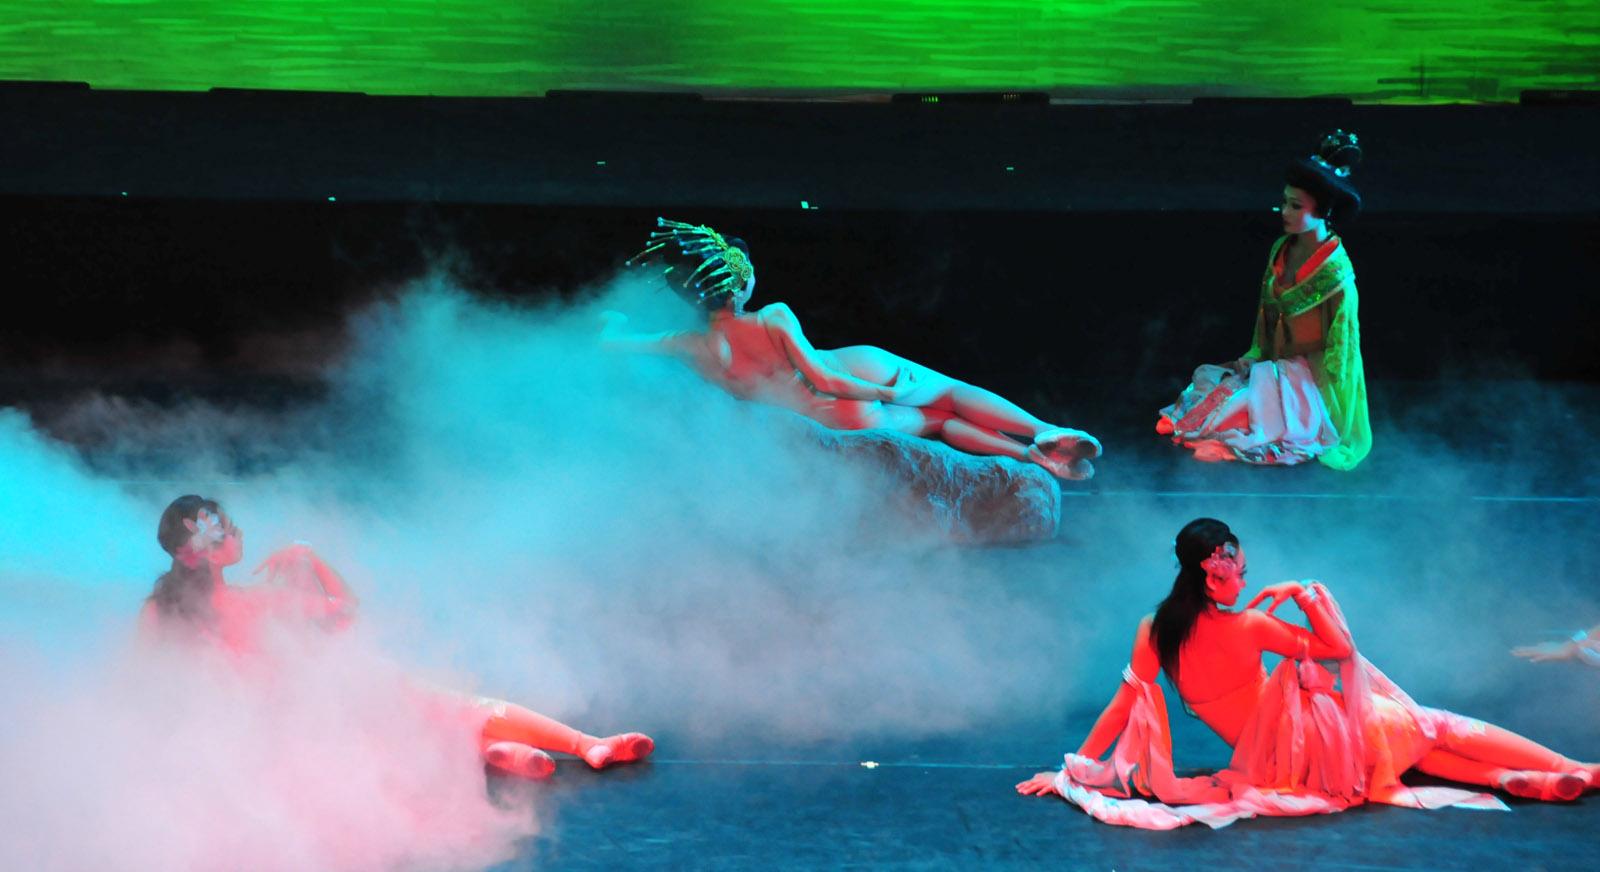 Quatro atrizes em poses sensuais encenando espetáculo sobre concubinas da dinastia chinesa Tang